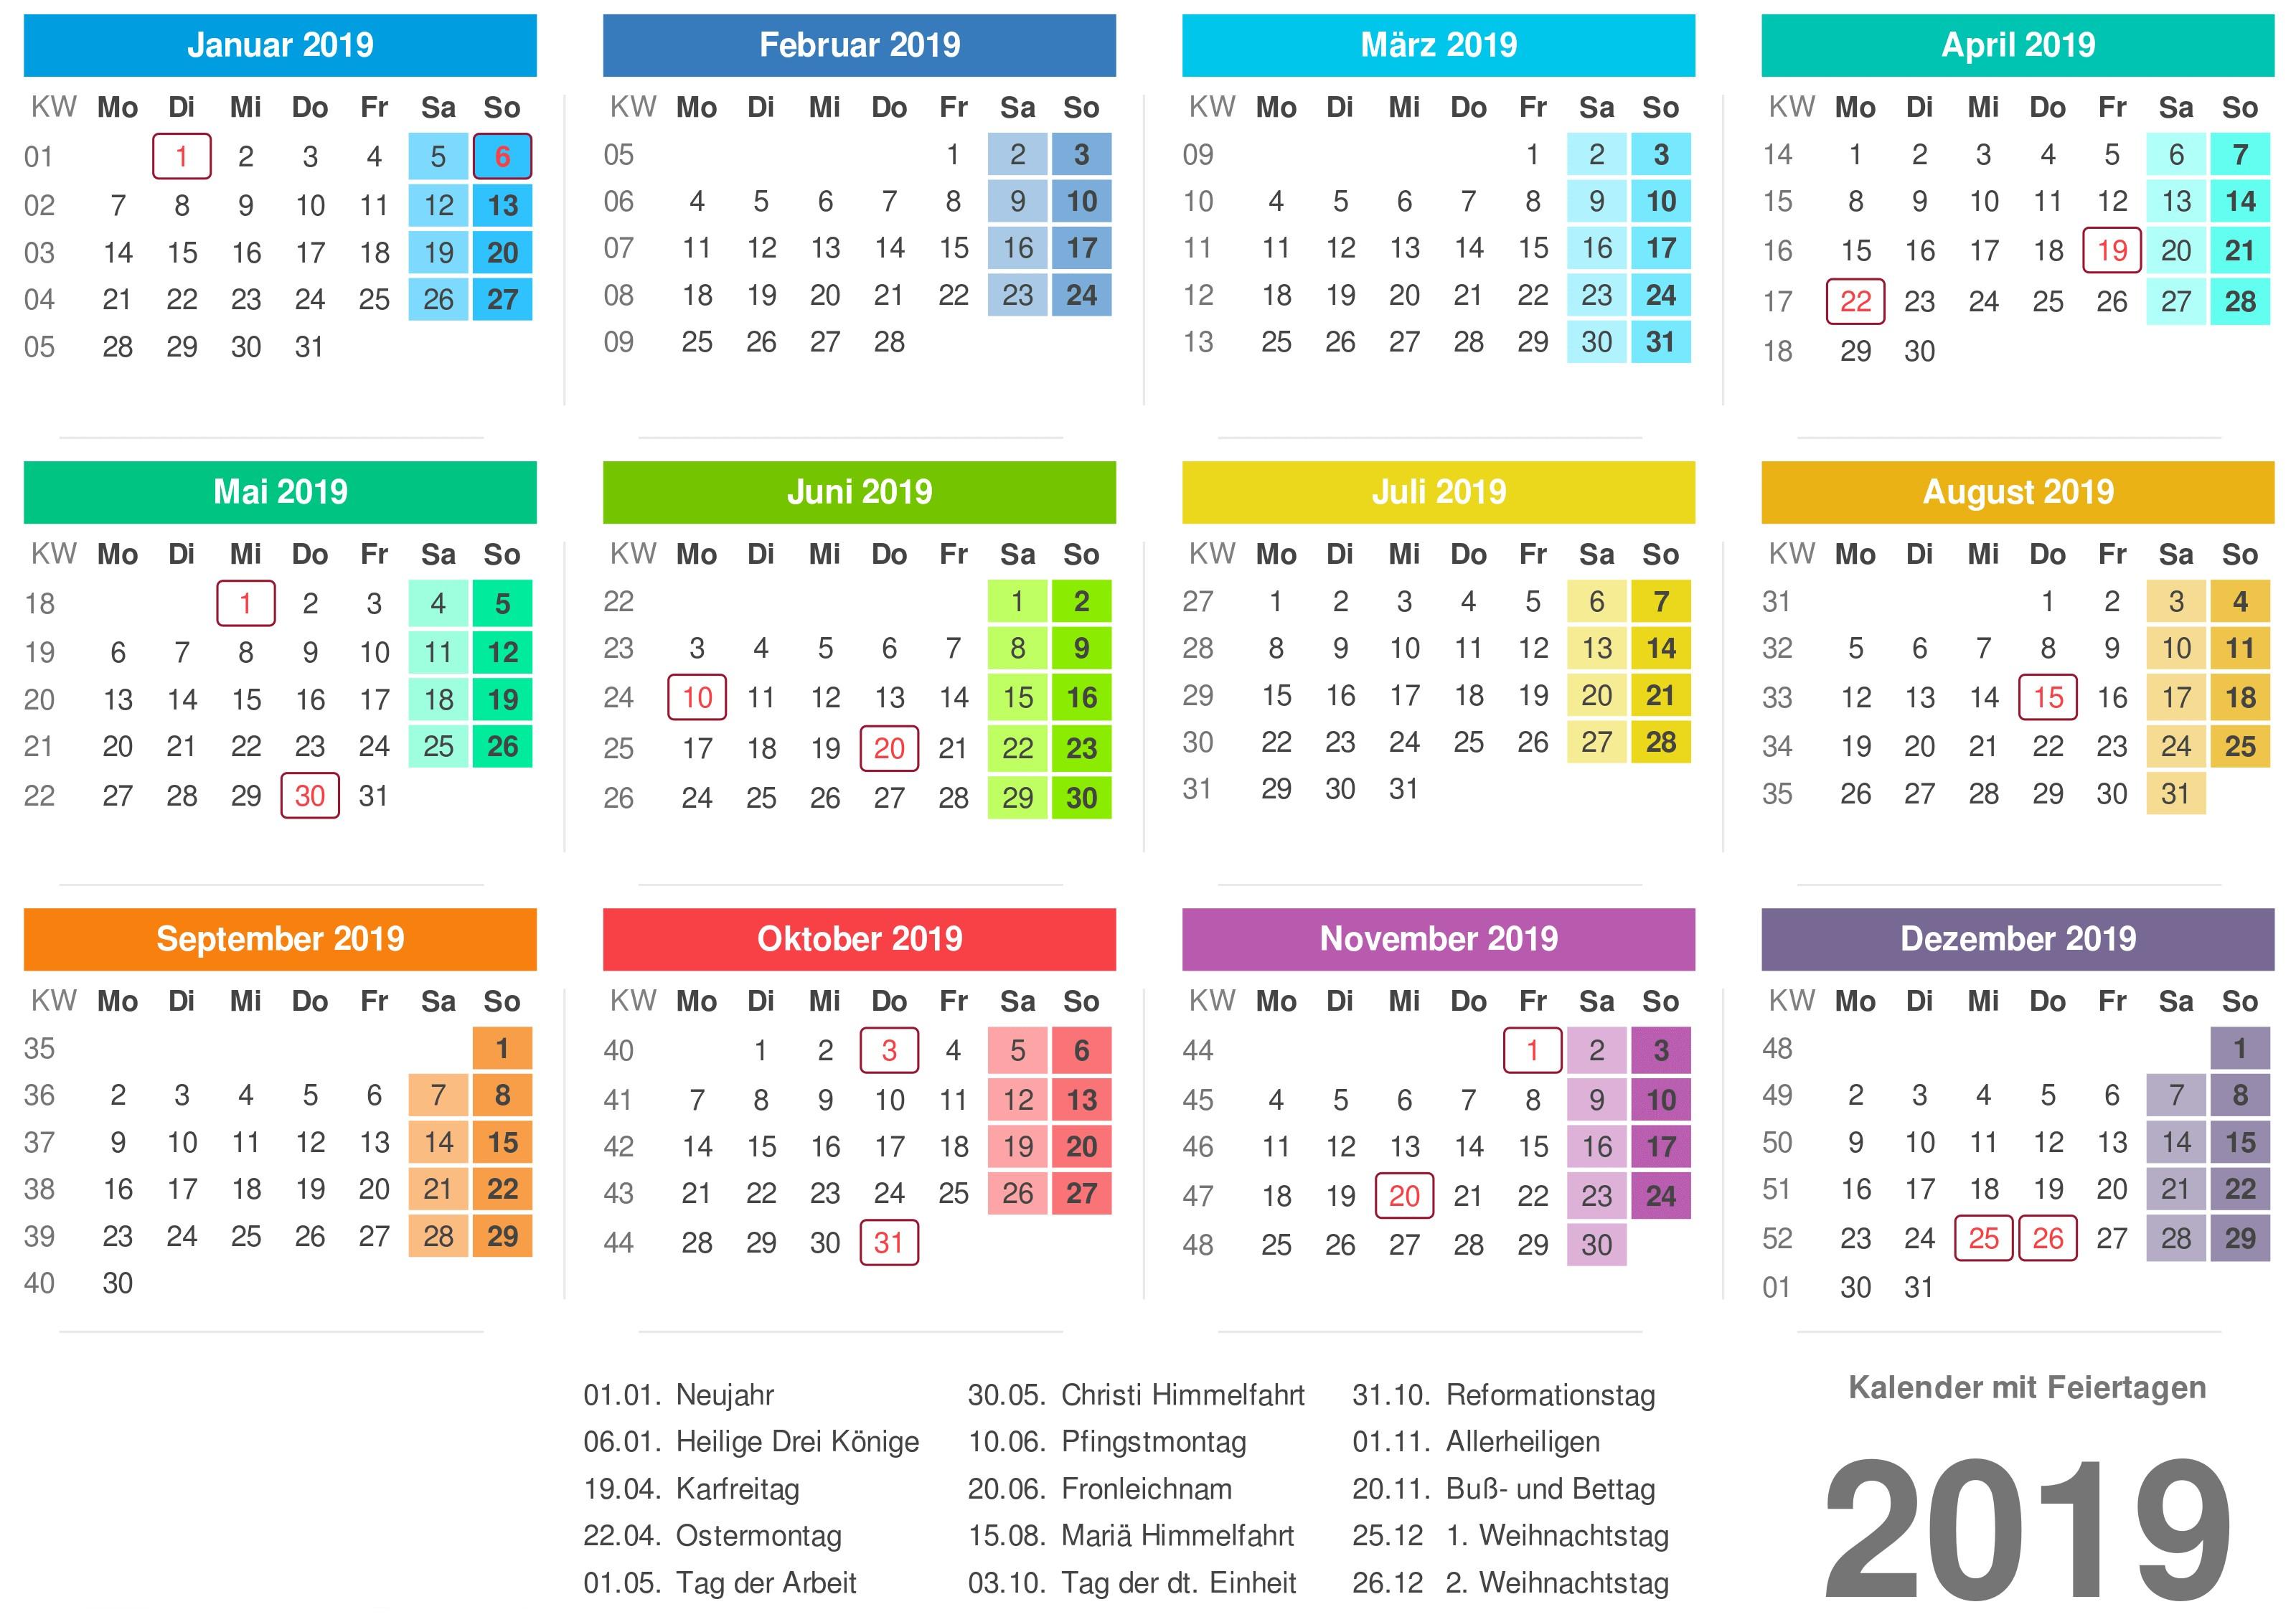 Kalender 2019 Bayern Ausdrucken Ferien Feiertage Excel Pdf Kalender 2019 Zum Ausdrucken Als Pdf Excel Word